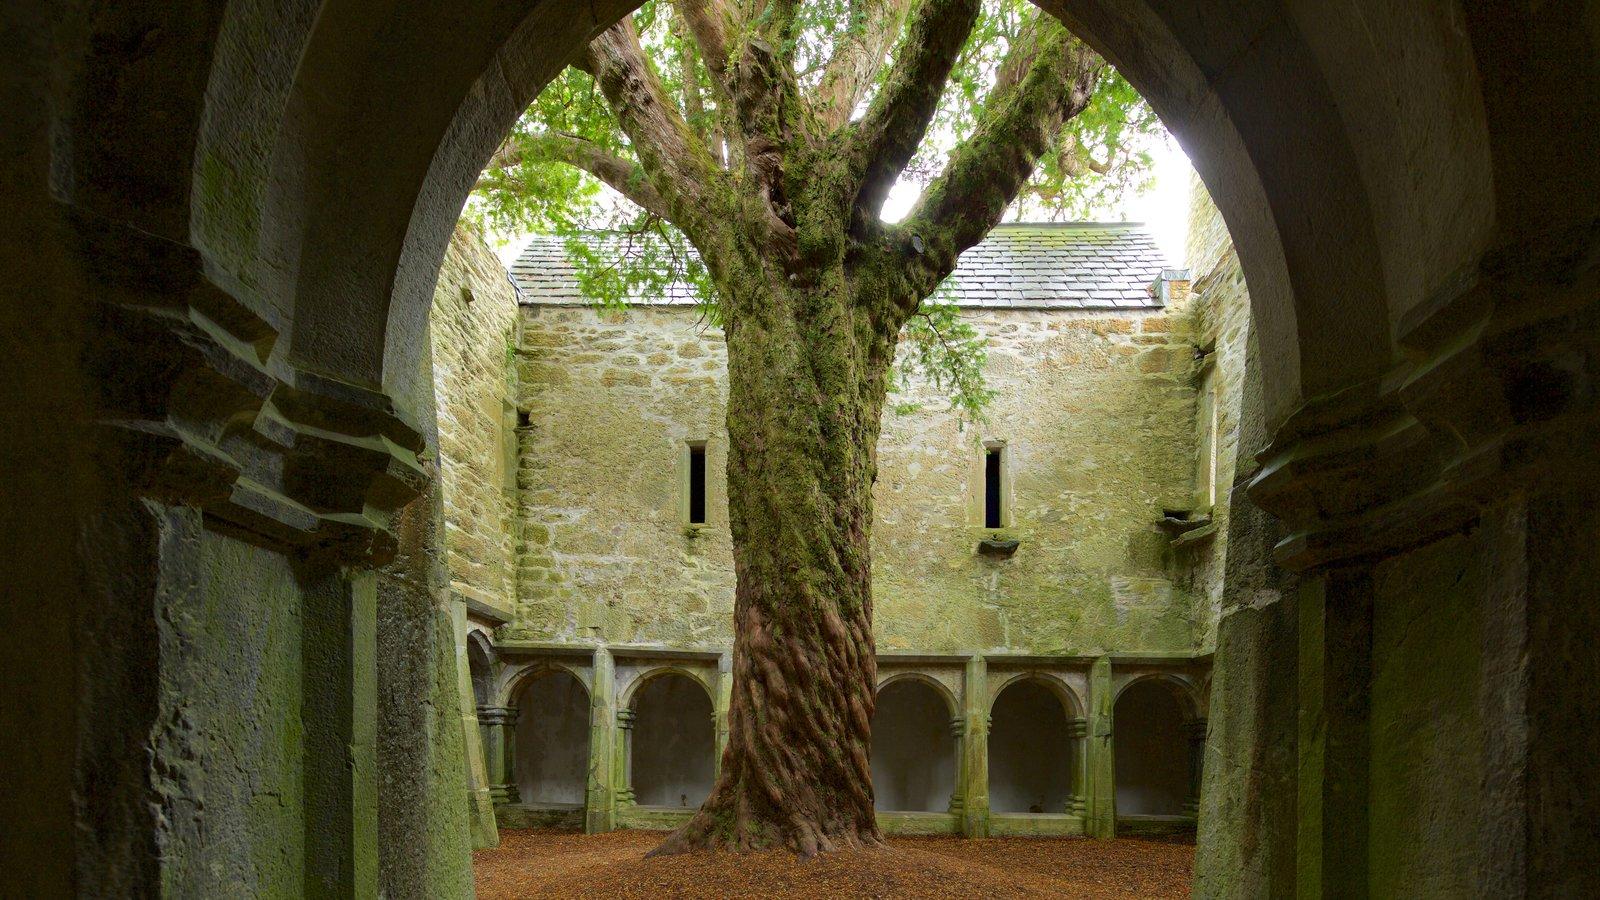 Muckross Abbey mostrando elementos del patrimonio, patrimonio de arquitectura y un castillo